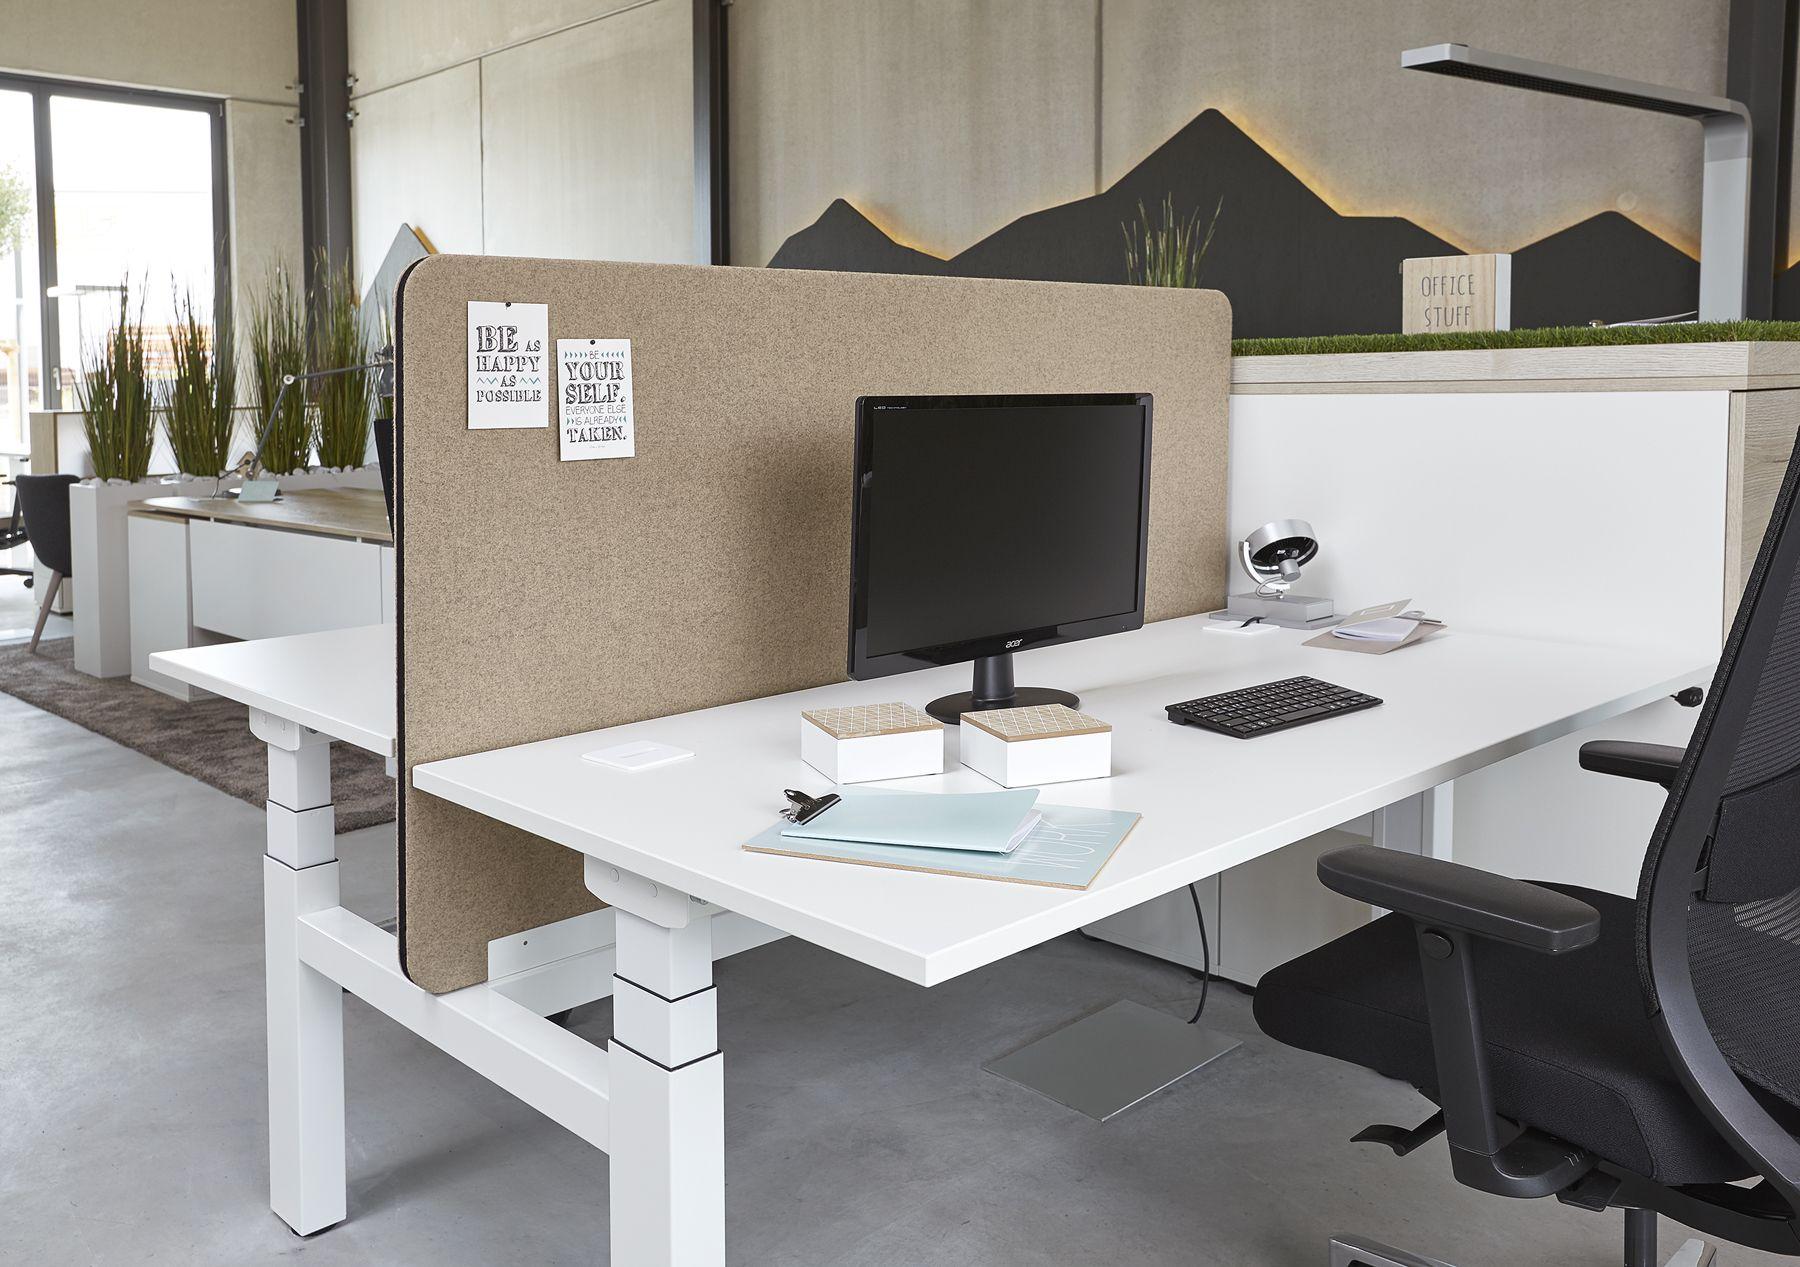 Elektromotorisch höhenverstellbarer Schreibtisch Active